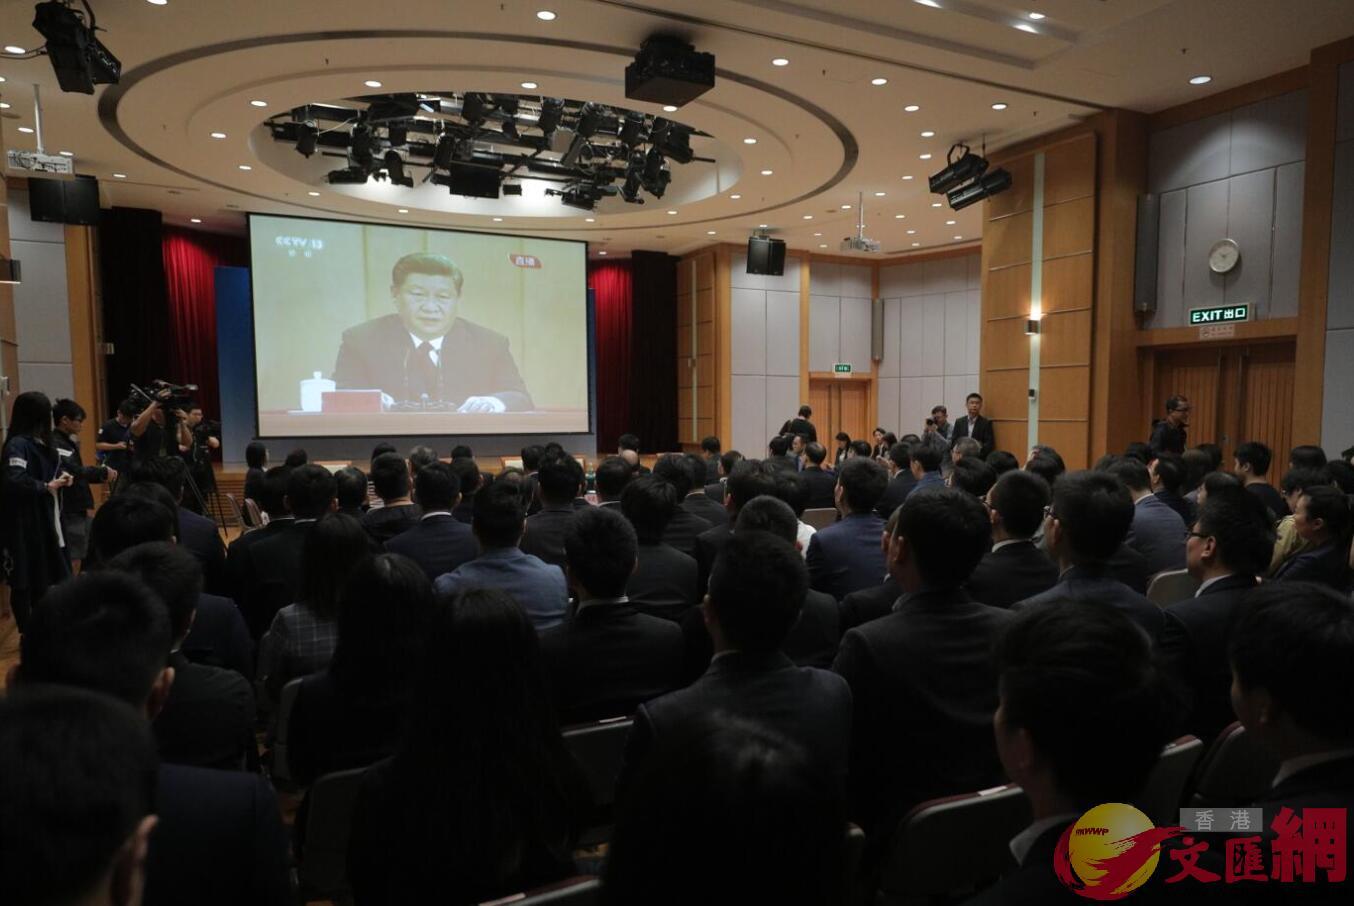 「紀念五四運動100周年暨學習習近平總書記在紀念五四運動100周年大會上的重要講話座談會」5月4日於香港舉行